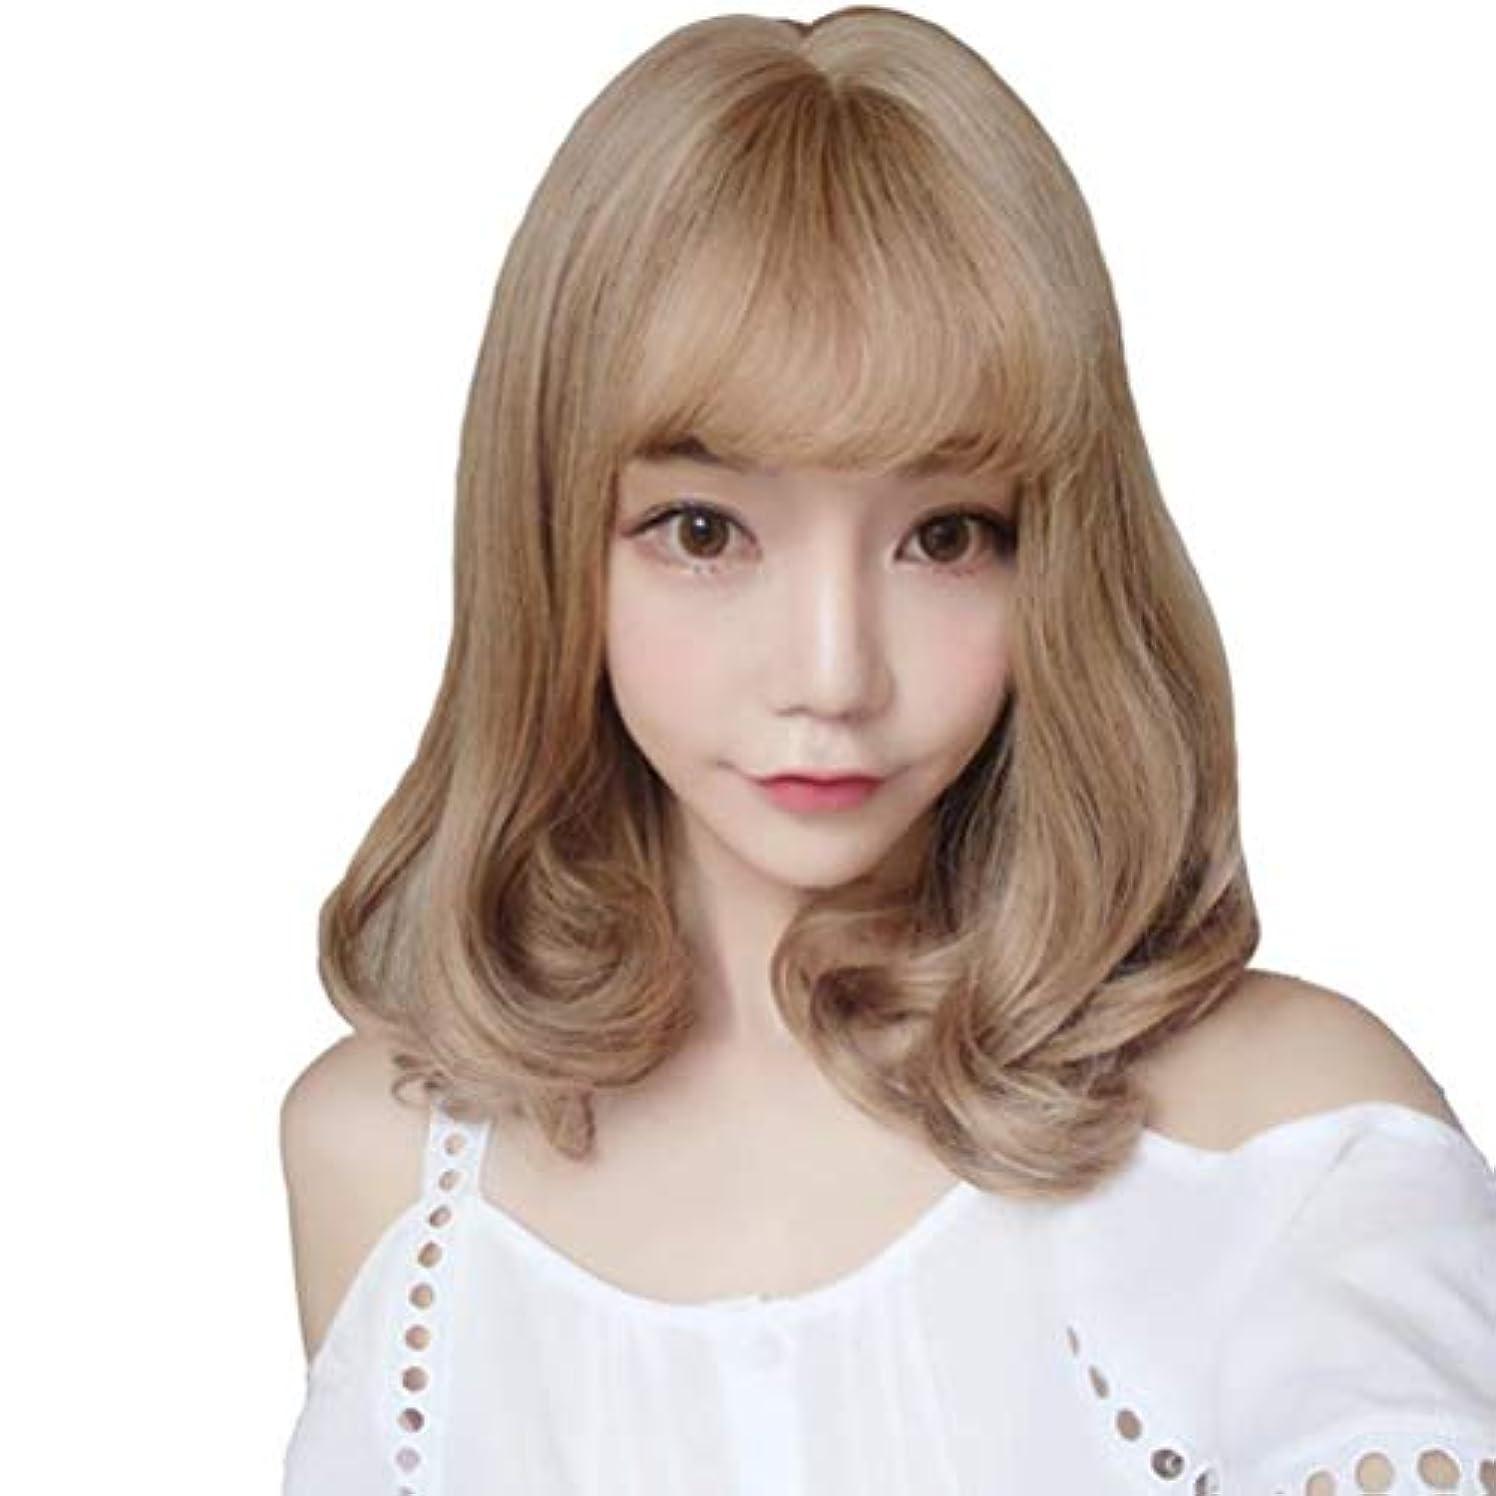 適応する鉛コミュニケーションウィッグリネンブラウンイエロー高温シルクショート巻き毛リアルなヘアスタイル LH2205 (リネンブラウンイエロー)